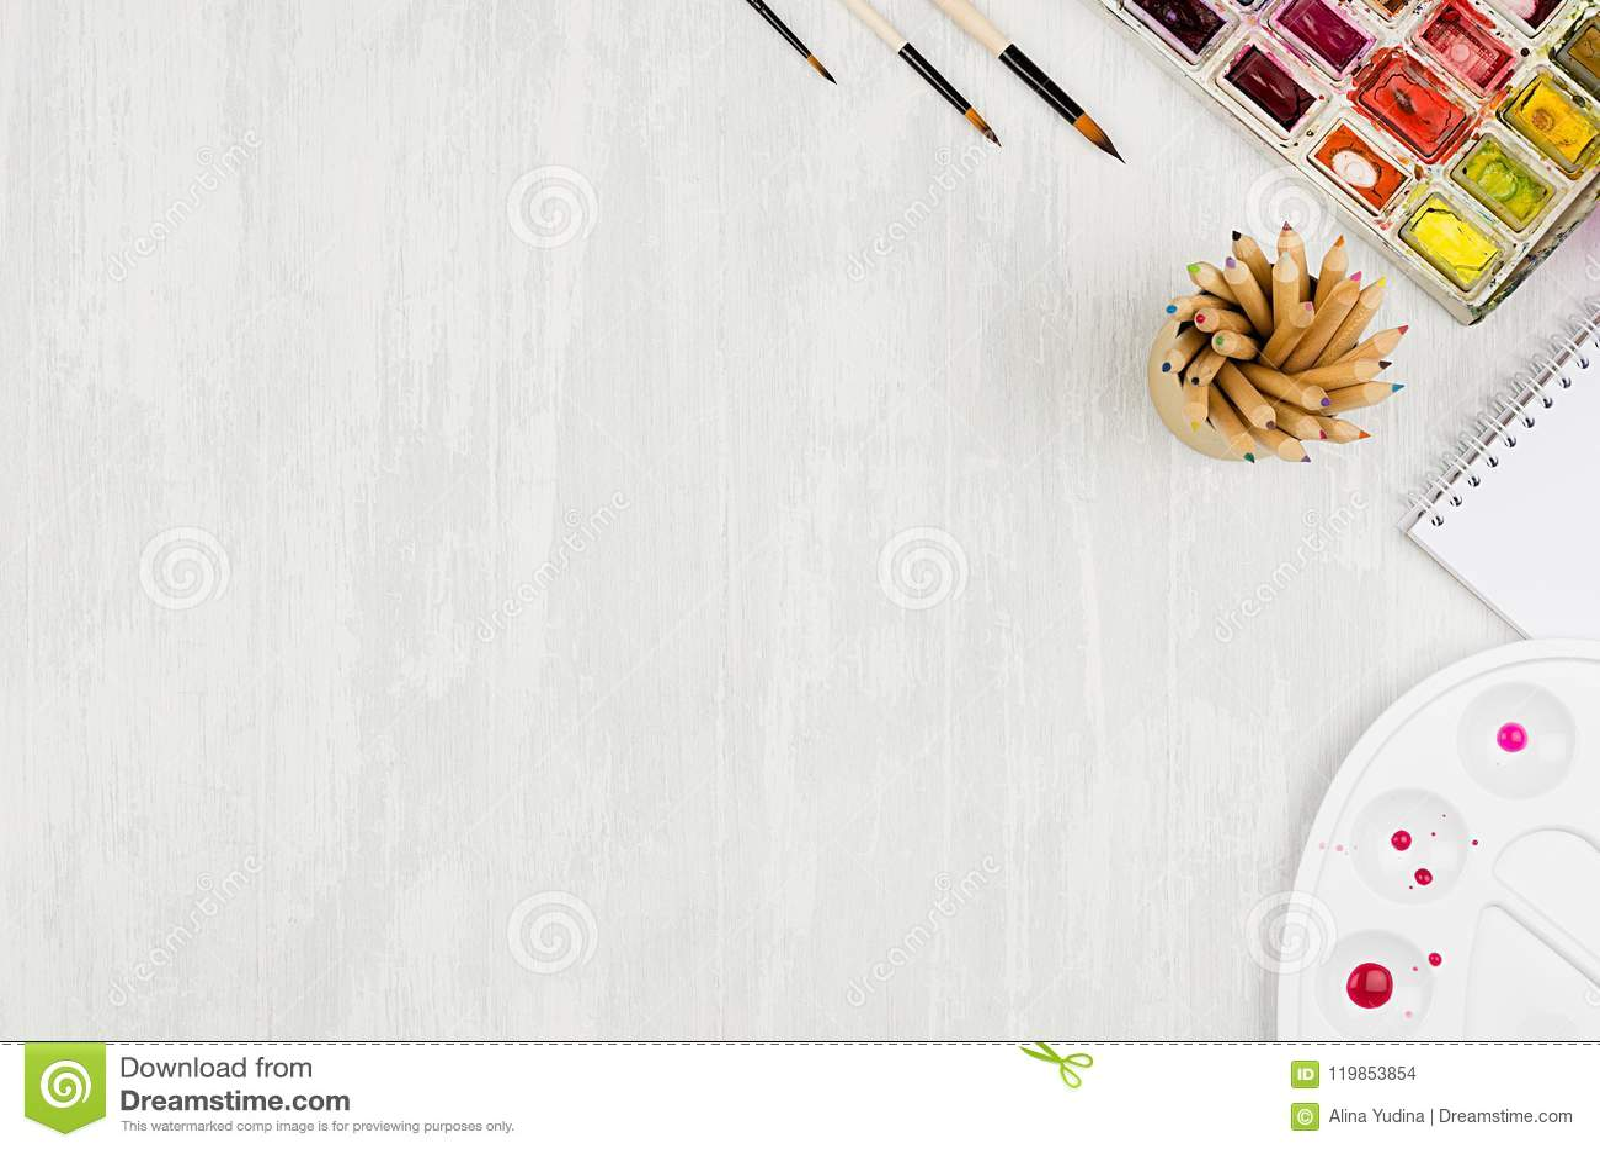 Рабочее место дизайнеров - канцелярские принадлежности для творческих способностей - краски акварели, палитра, щетки, покрасило к